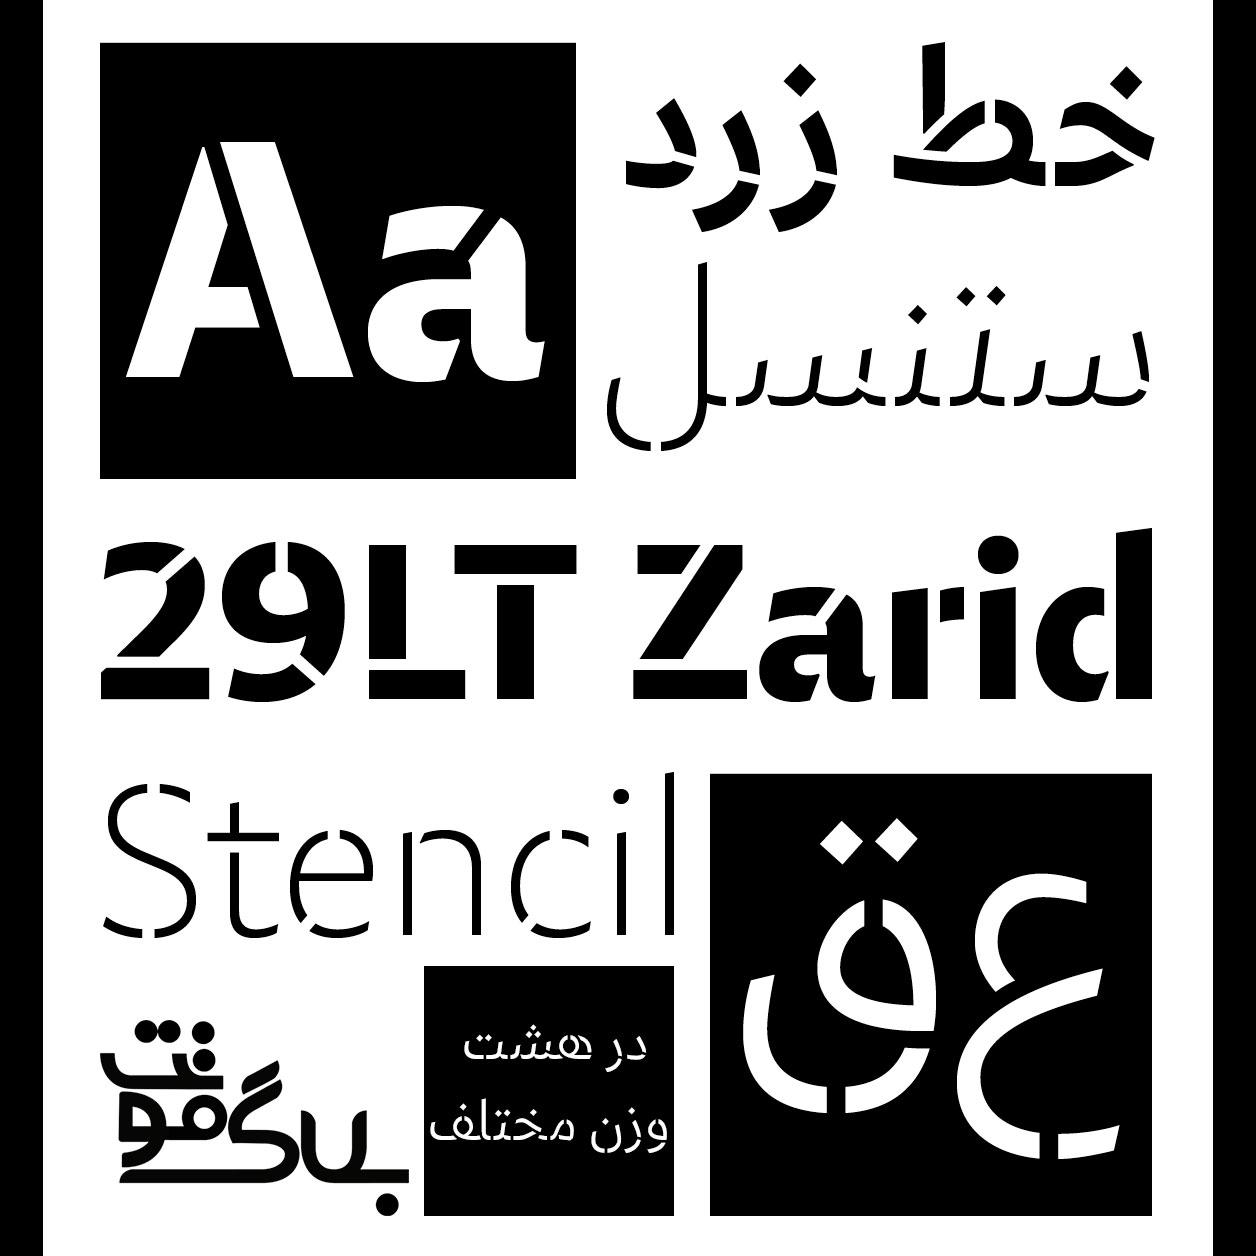 Zarid Stencil